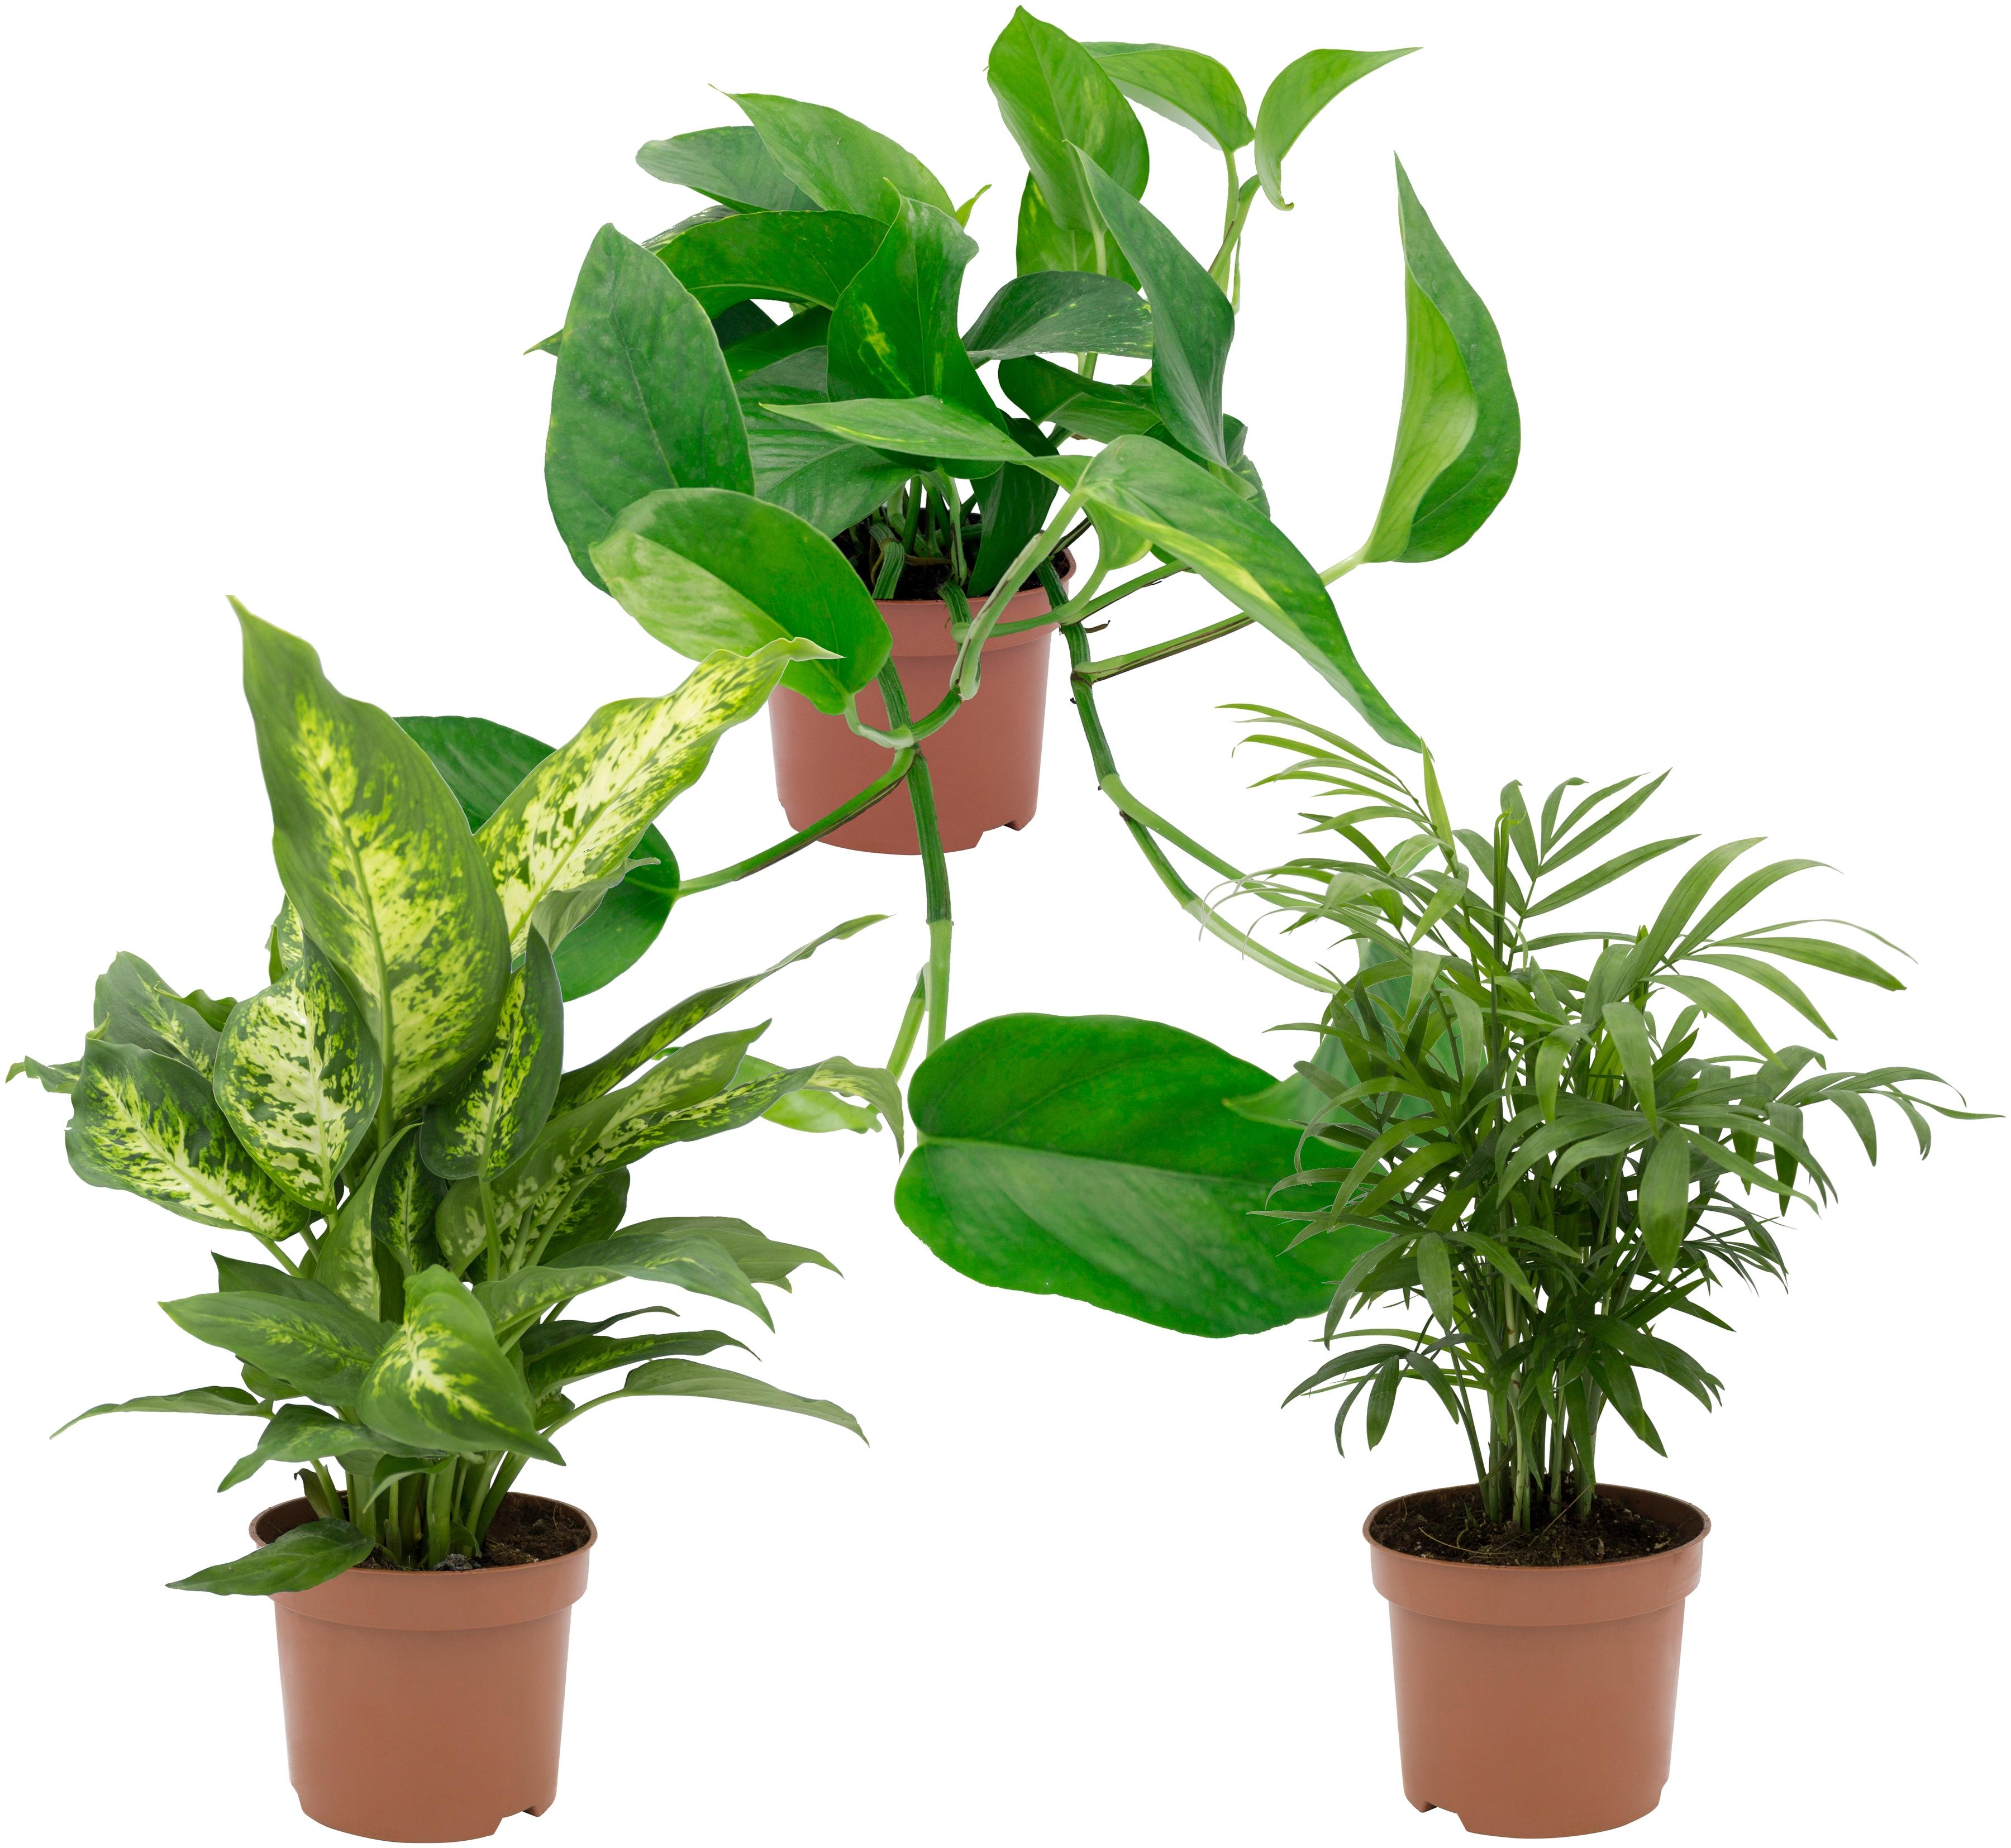 Dominik Zimmerpflanze Grünpflanzen-Set, Höhe: 30 cm, 3 Pflanzen grün Zimmerpflanzen Garten Balkon